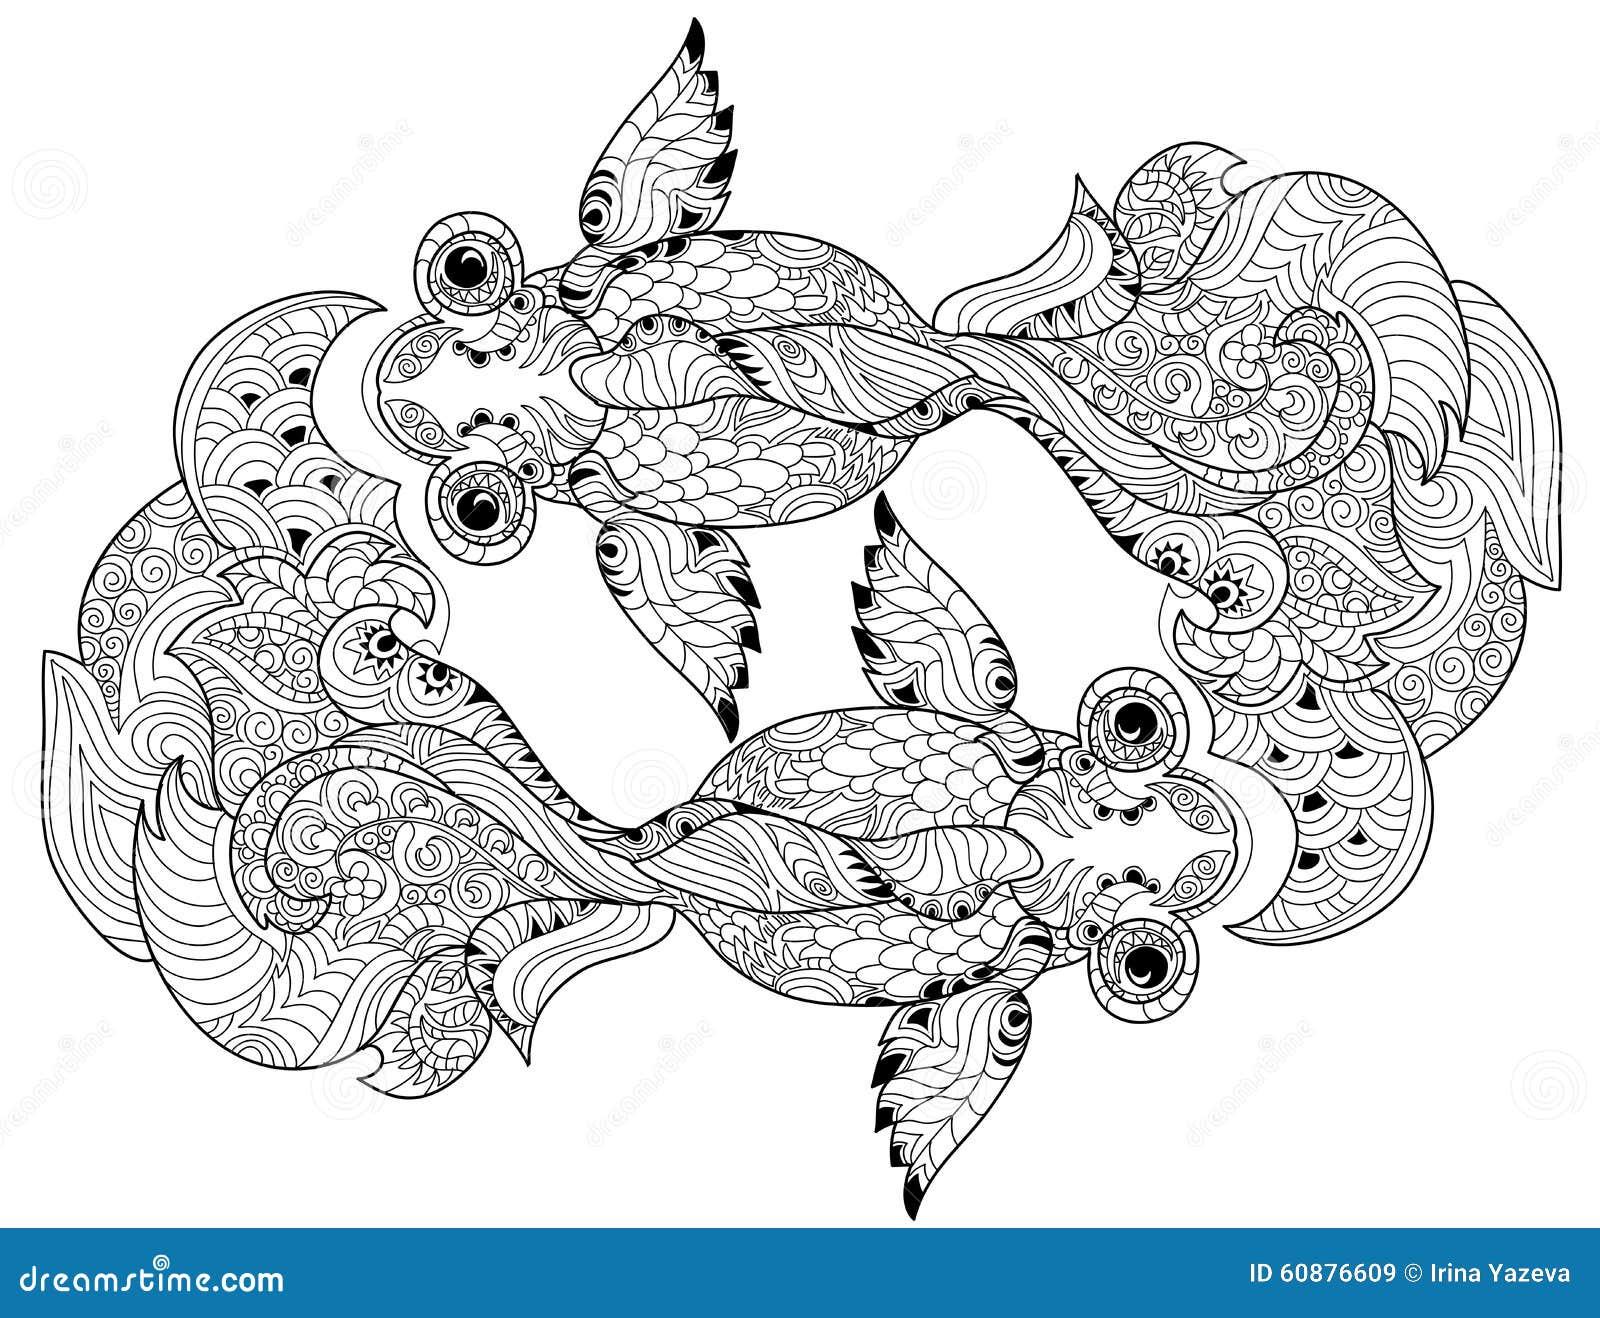 Zentangle Stylized Floral China